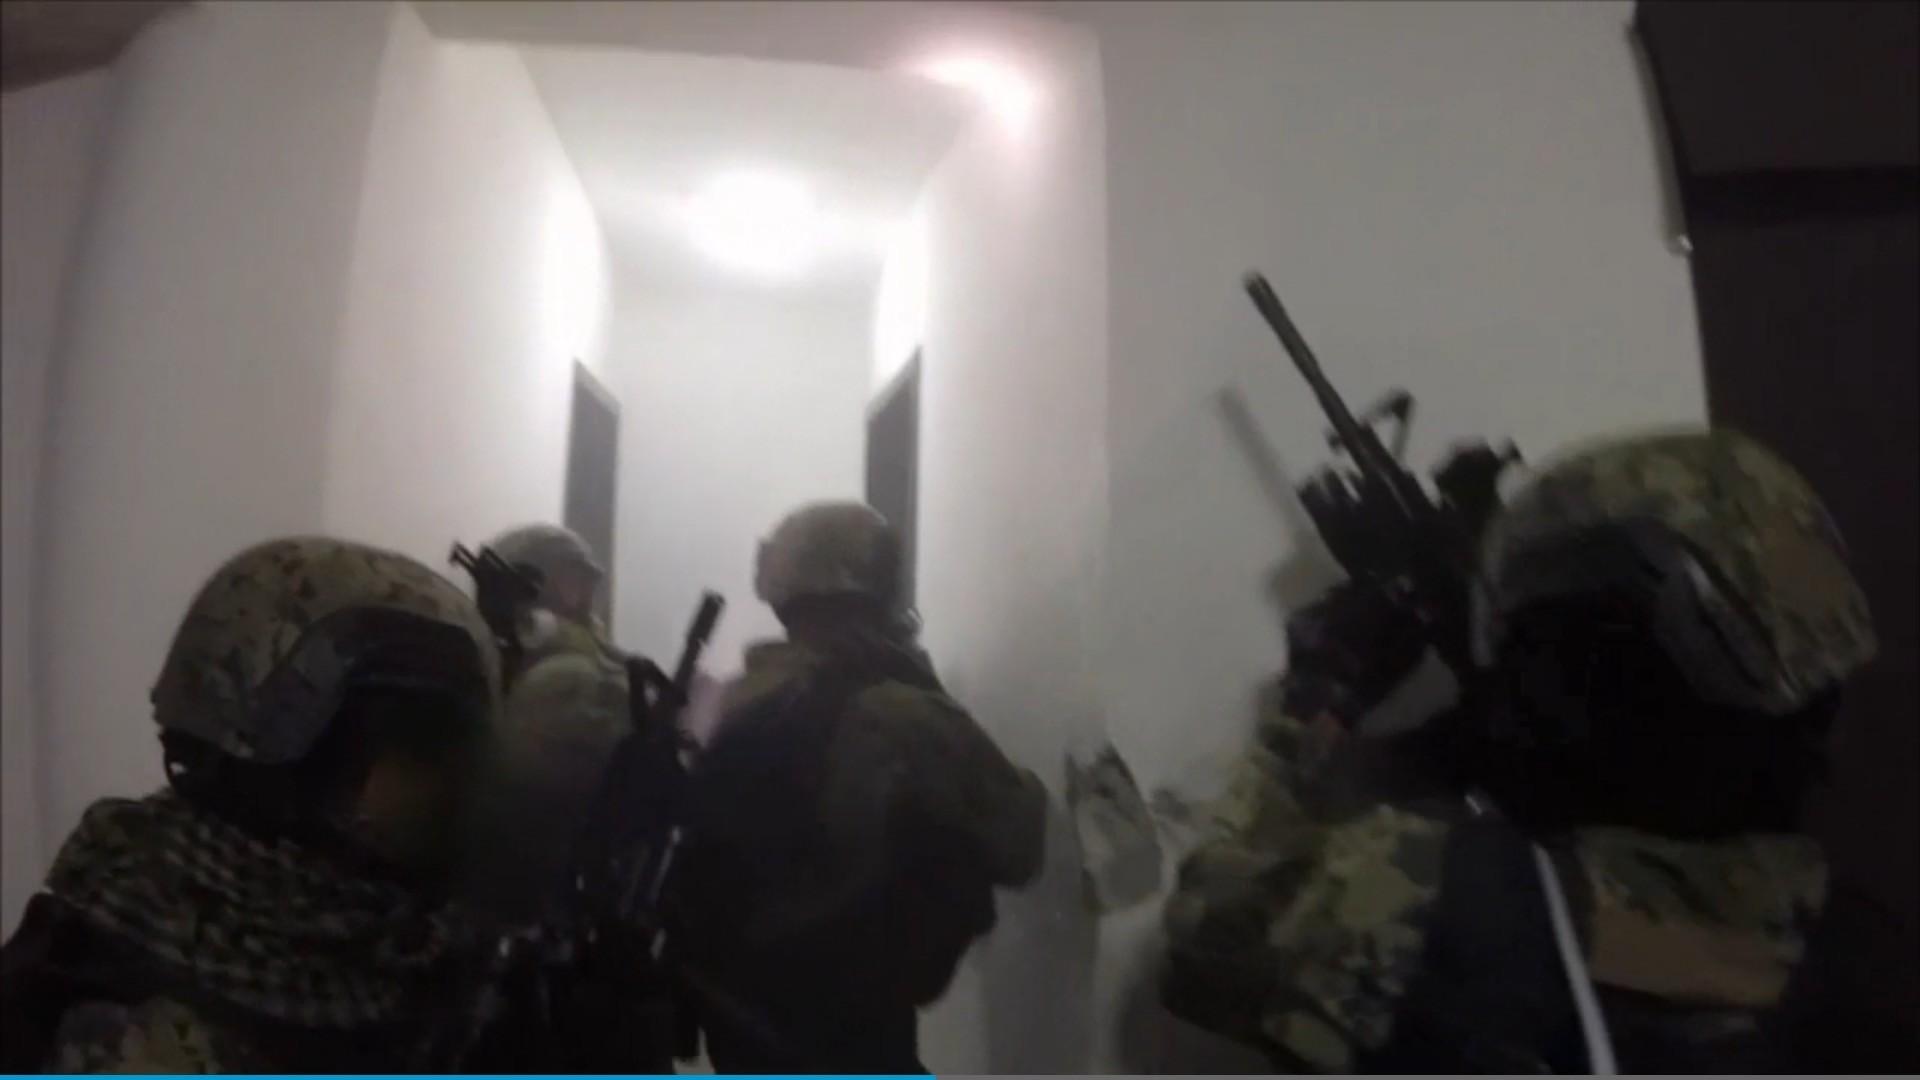 raw  mexican marines raid  u0026 39 el chapo u0026 39  safe house